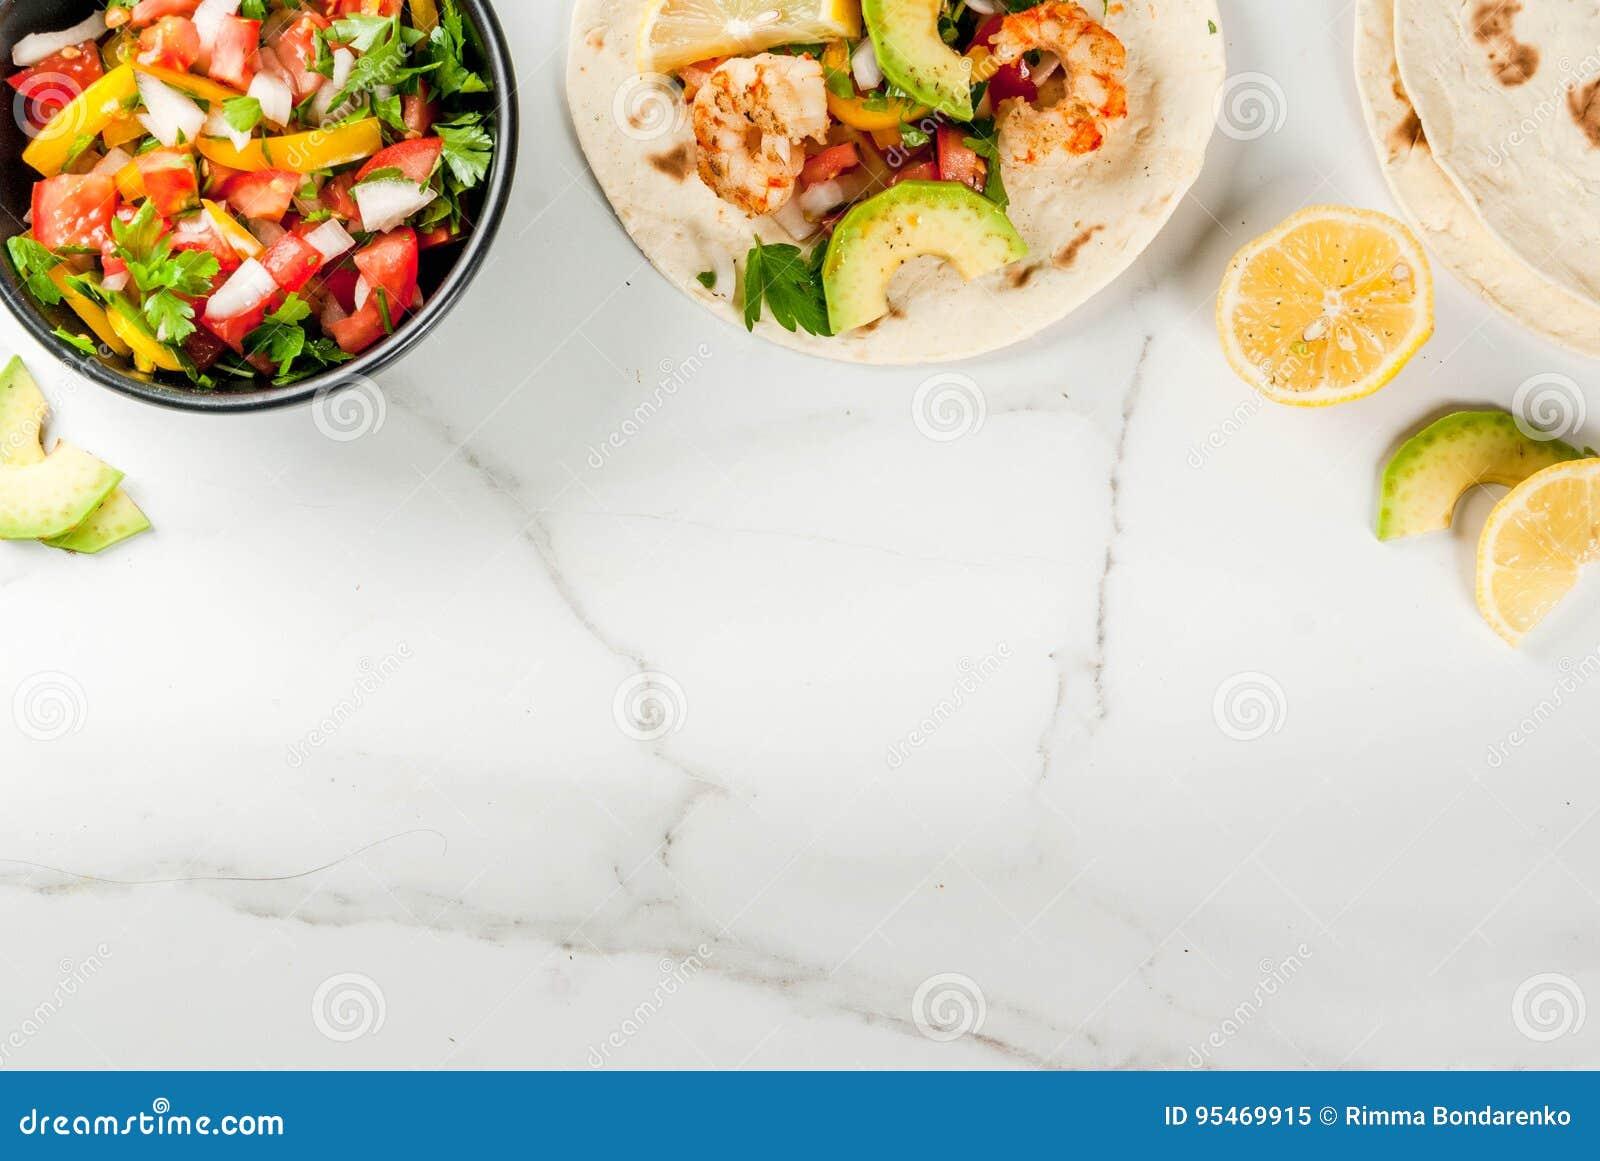 Tacos com salsa e camarão